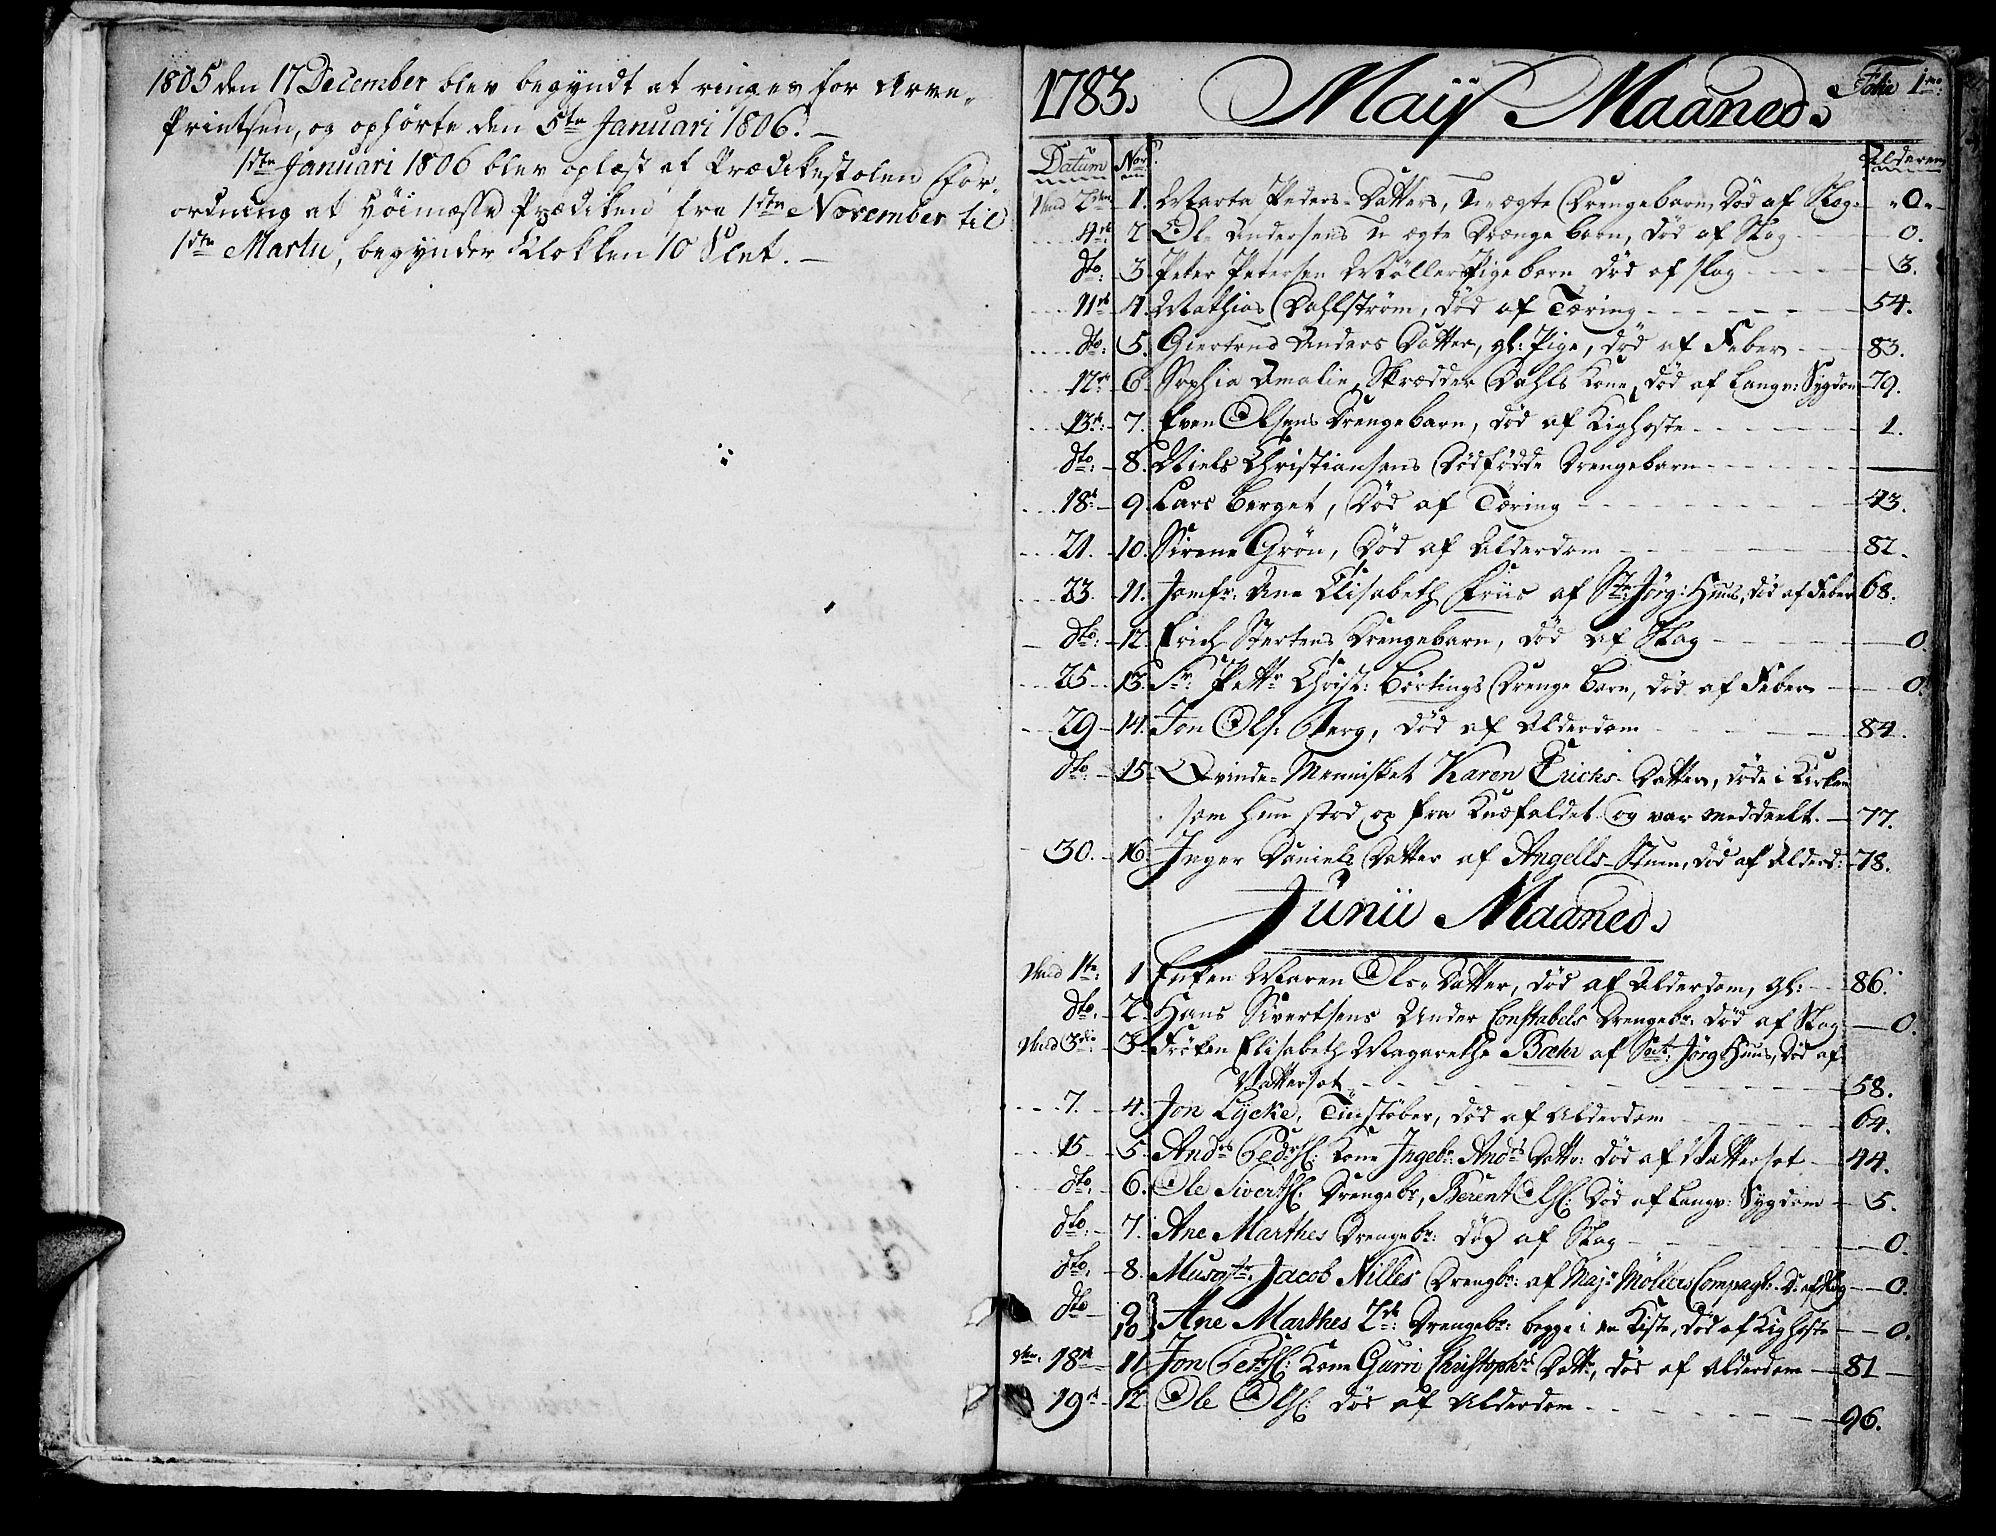 SAT, Ministerialprotokoller, klokkerbøker og fødselsregistre - Sør-Trøndelag, 601/L0040: Ministerialbok nr. 601A08, 1783-1818, s. 1